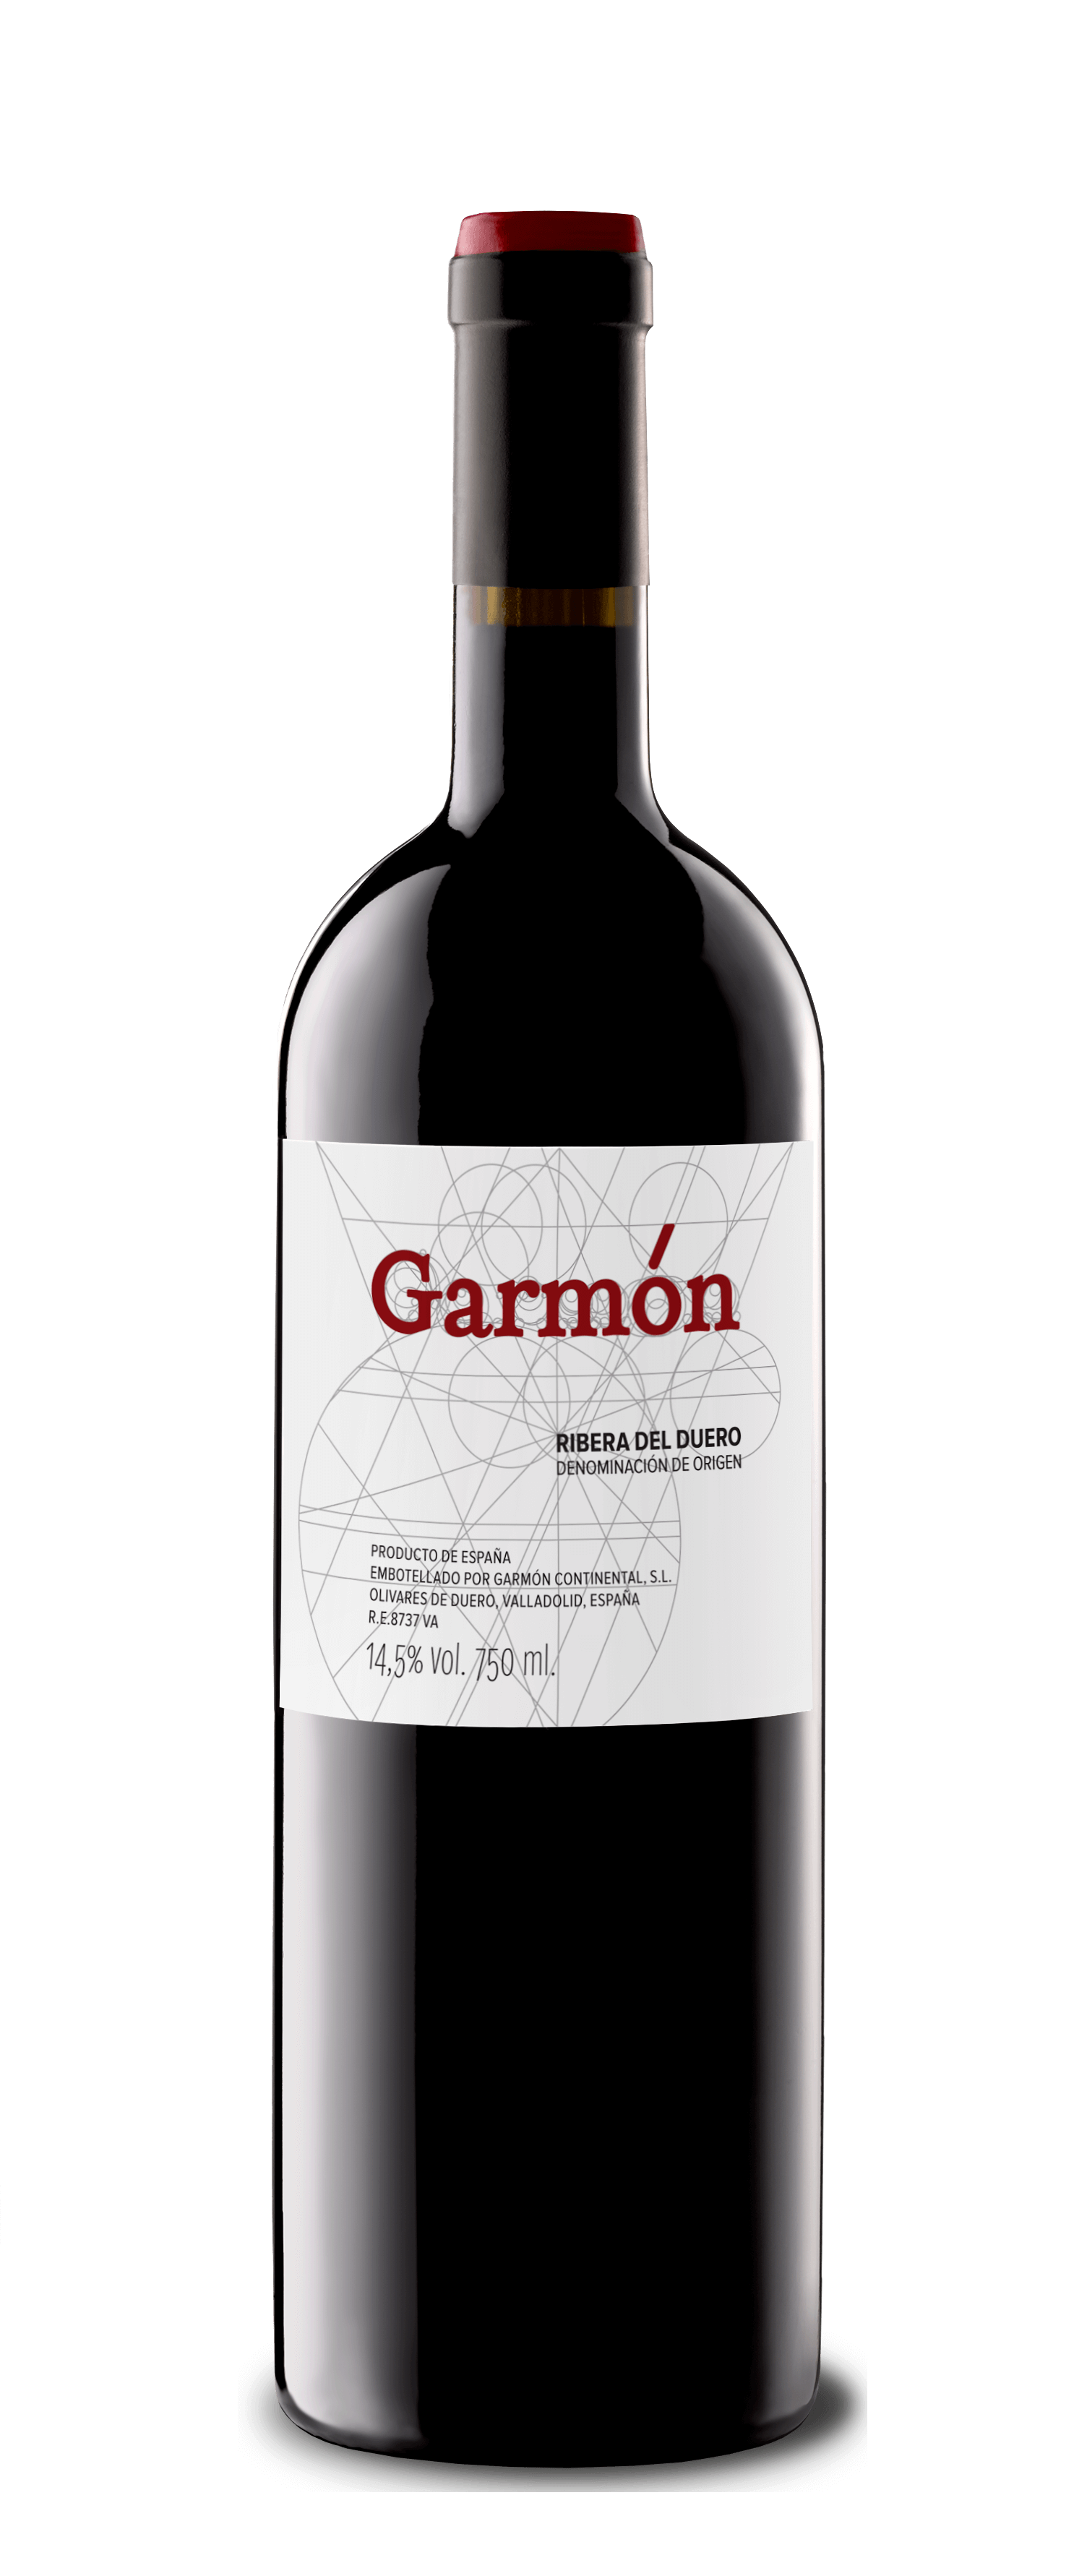 garmon_bottle